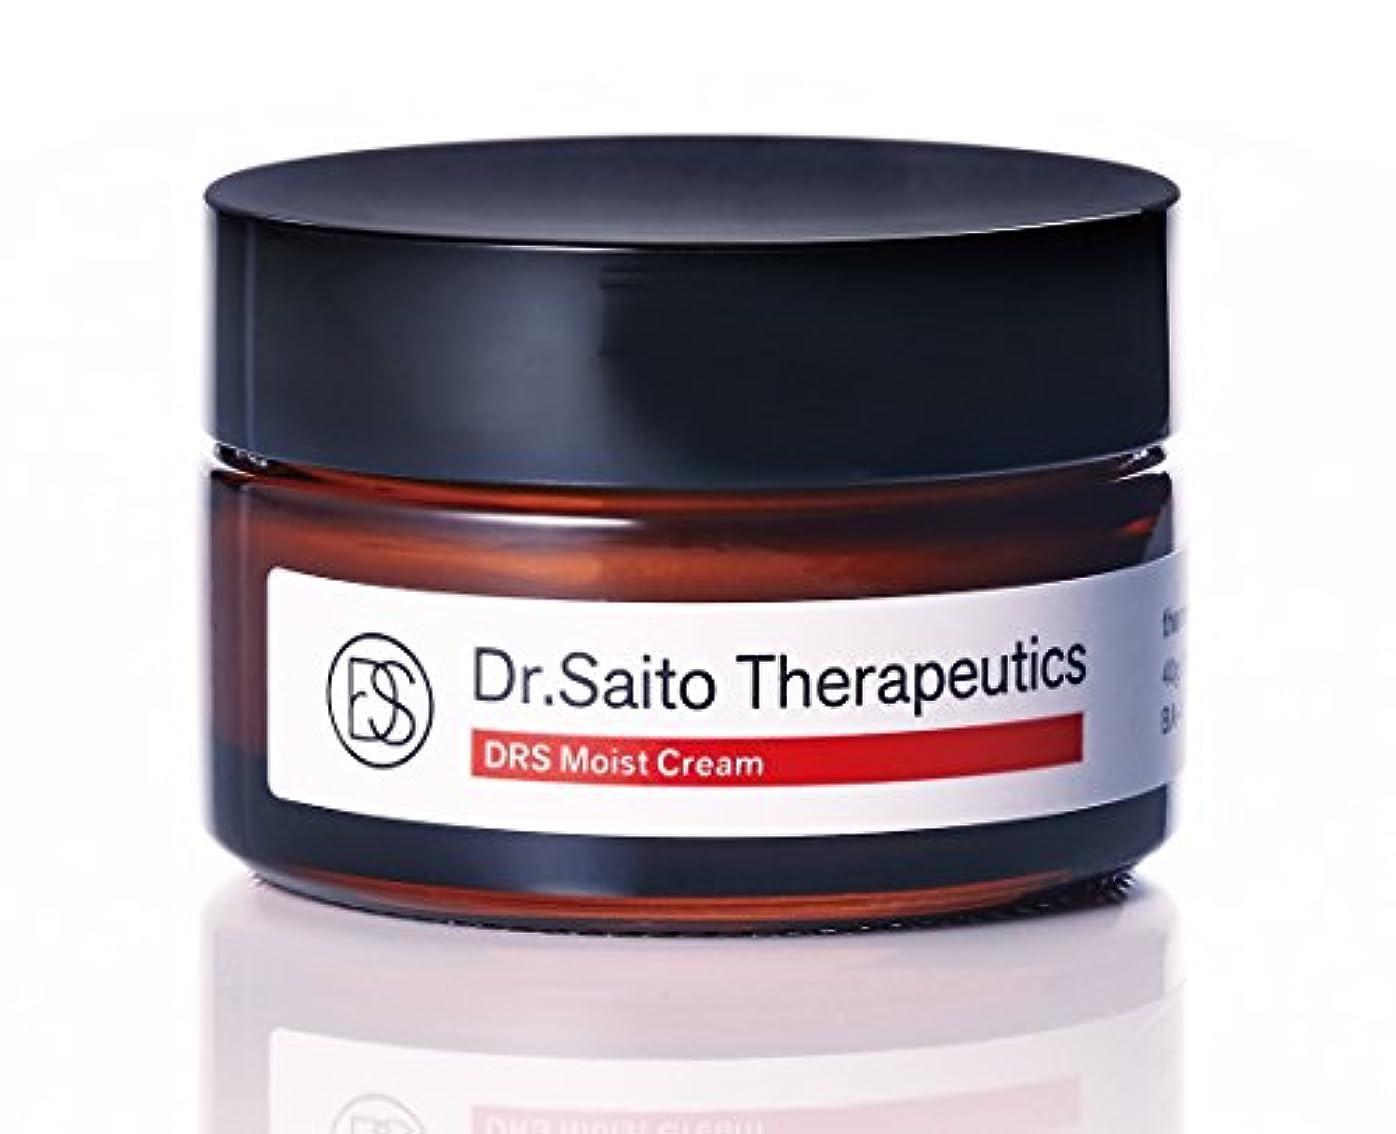 資金コンパニオン革命日本機能性医学研究所 Dr.Saito Therapeutics「DRS保湿クリーム」40g